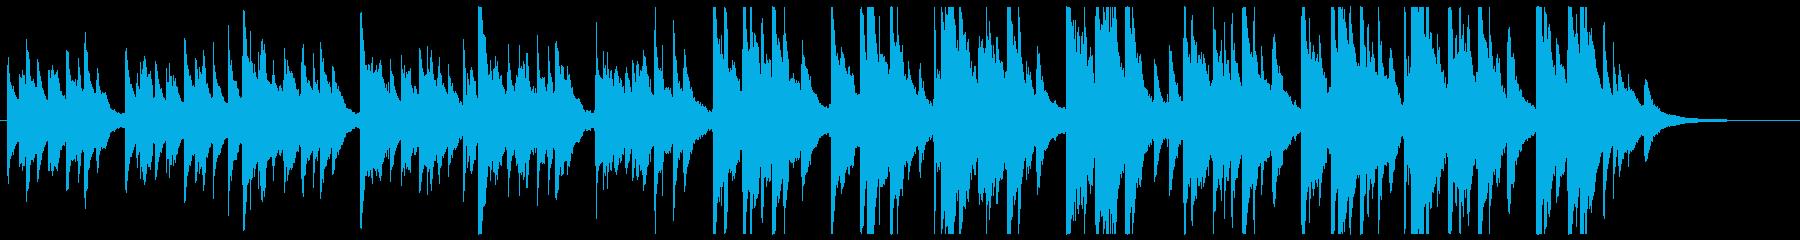 切なく力強いナイロンギターソロの再生済みの波形